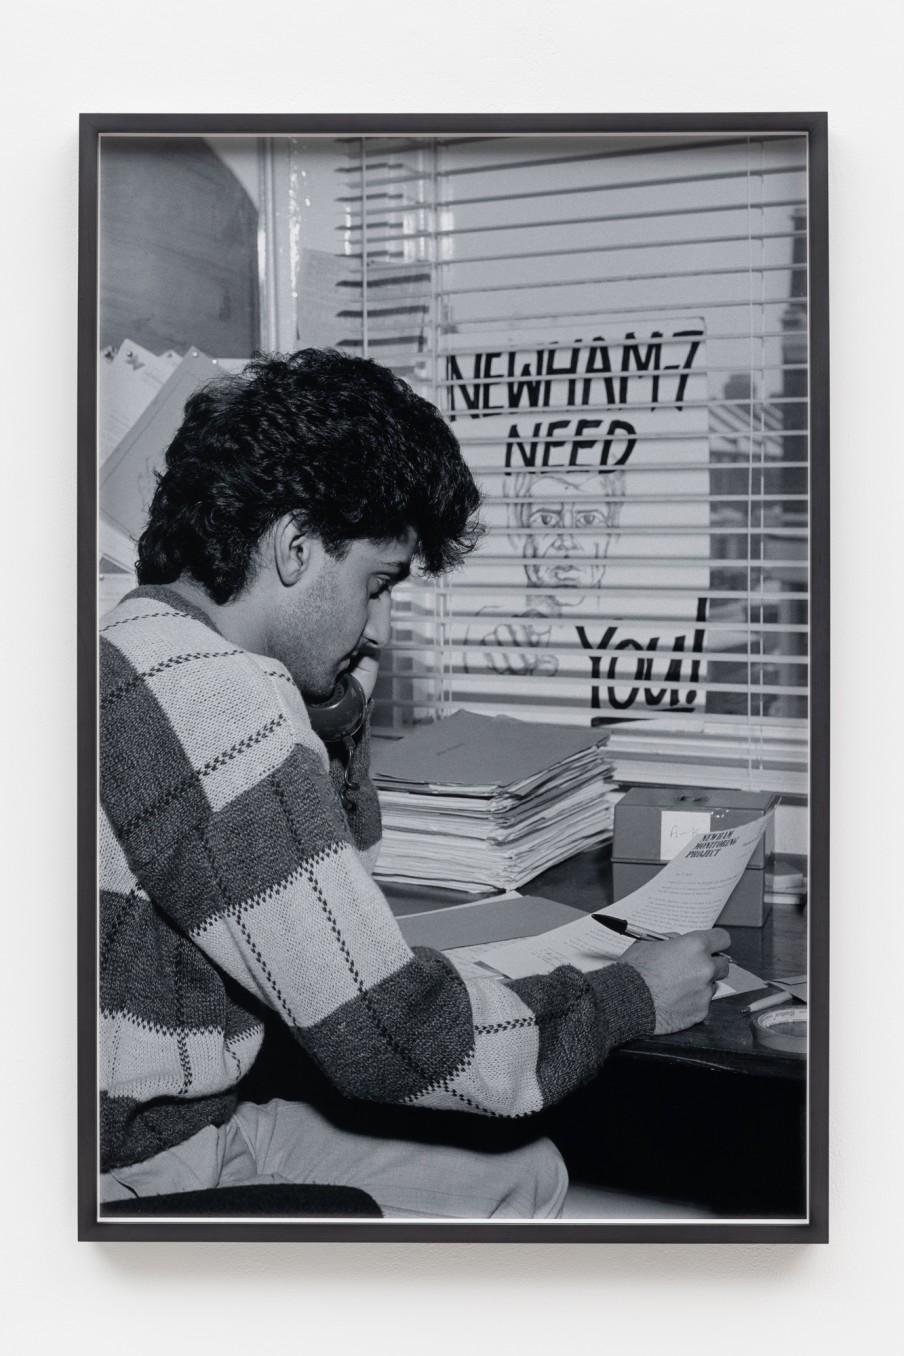 Sunil Gupta Activism, 1986/2021 Archival inkjet print Print: 90.9 x 59.5 cm 35 3/4 x 23 3/8 in